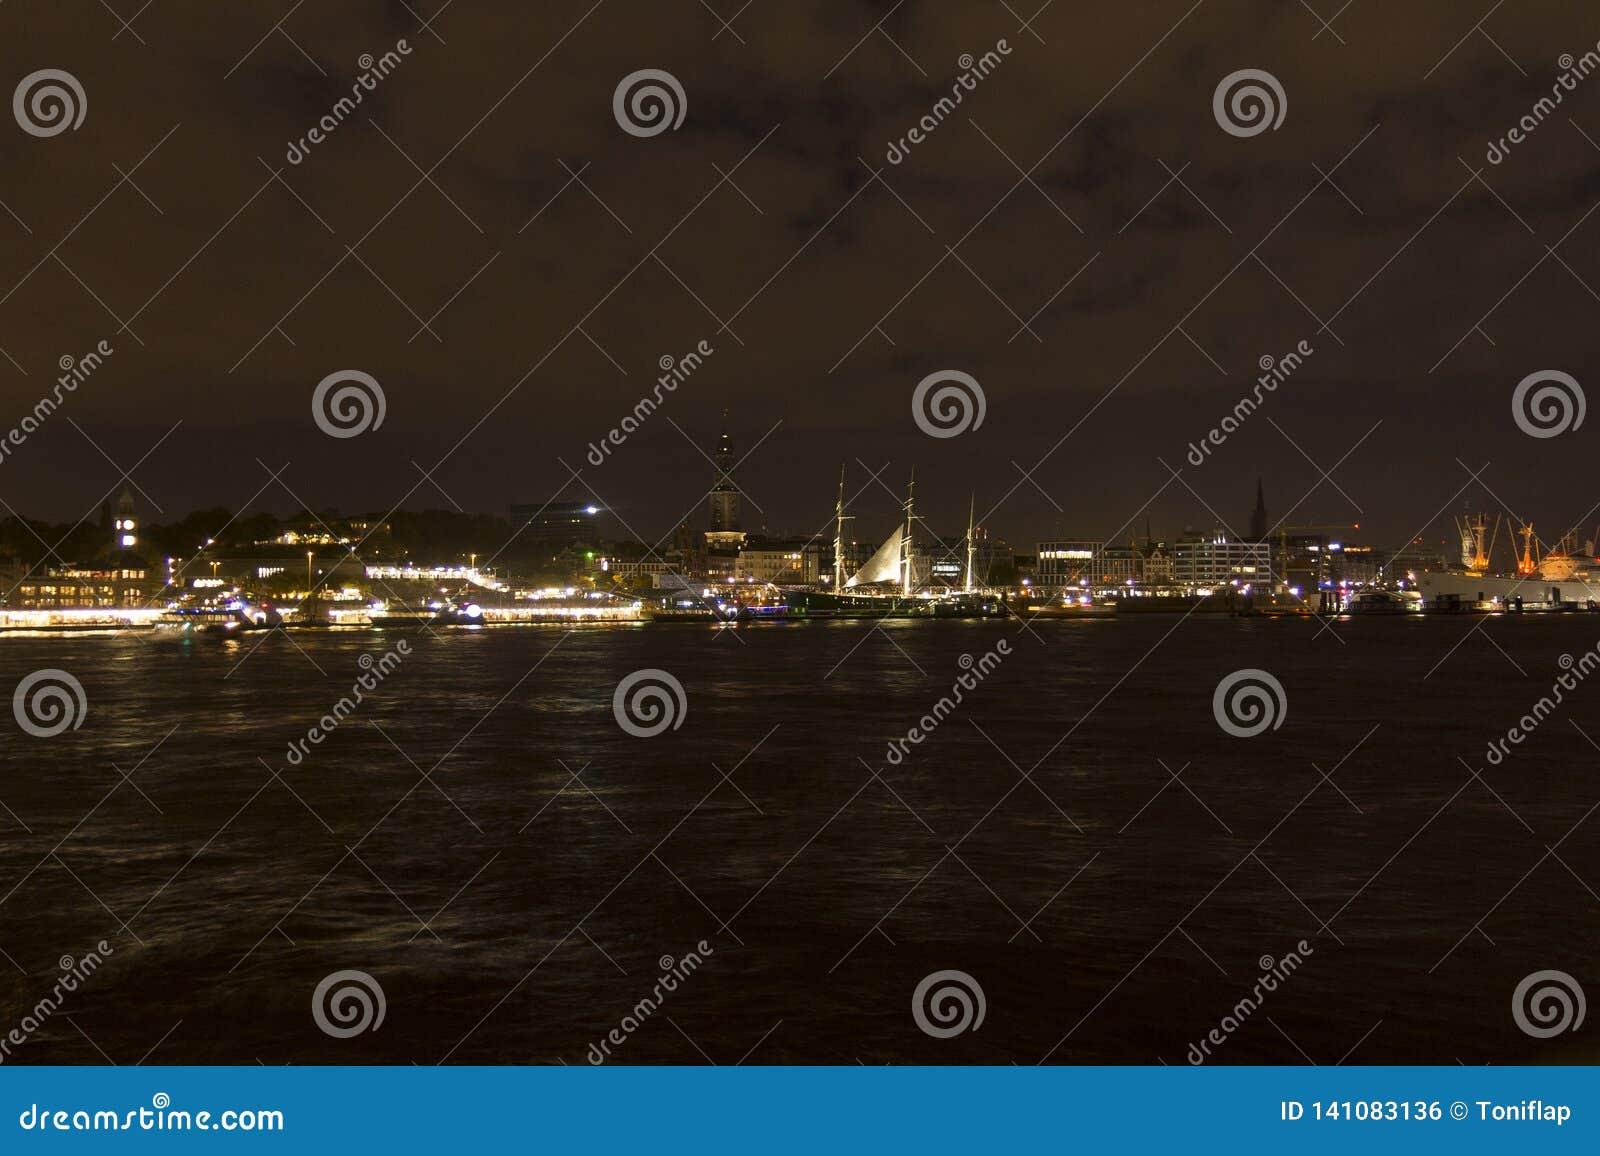 Ansicht des St. Pauli Piers bis zum Nacht, eine von Hamburgs bedeutenden Touristenattraktionen Hamburg, Deutschland